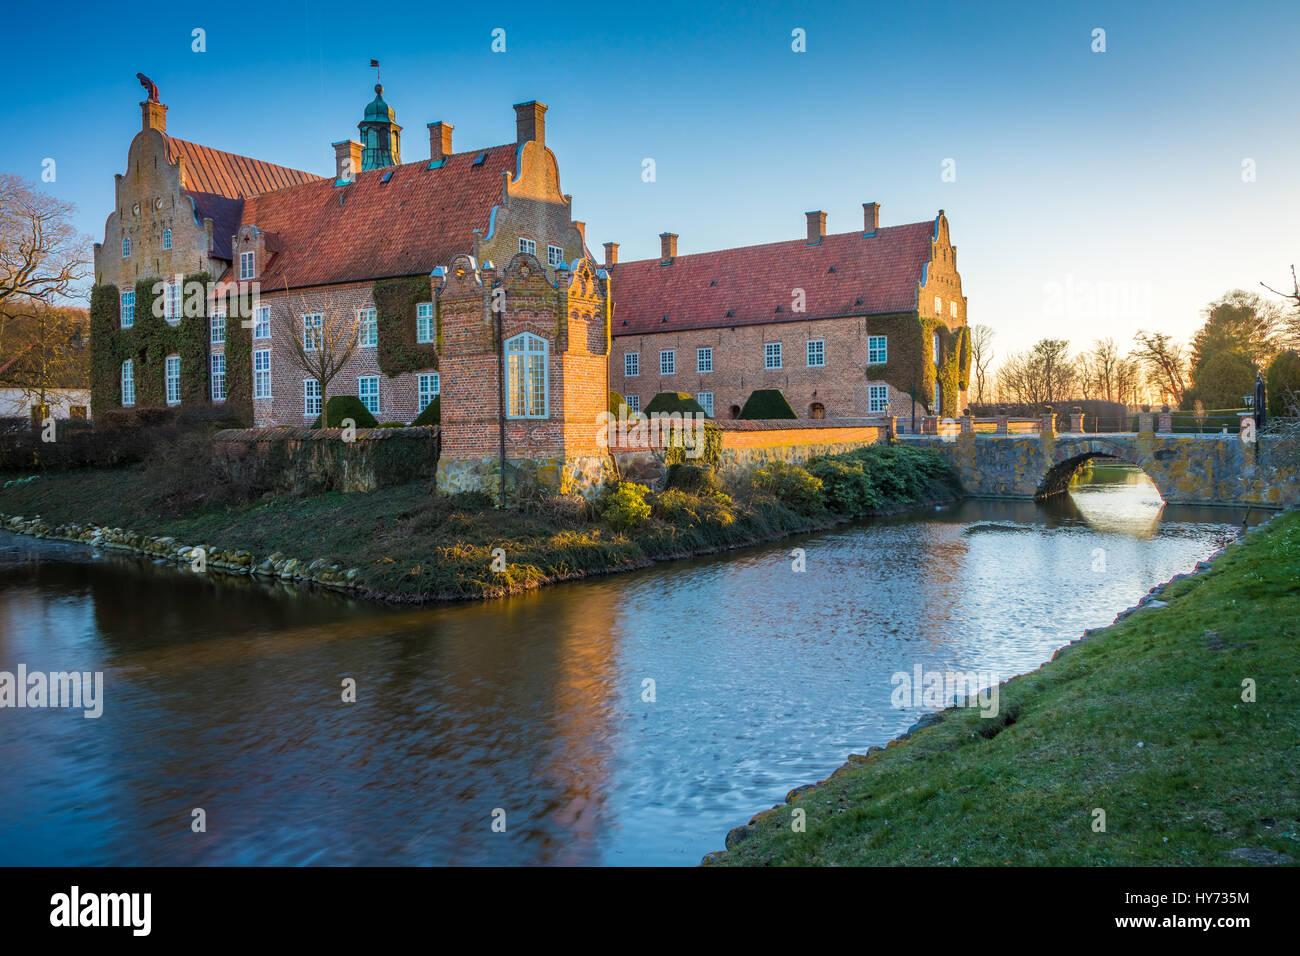 Trolle-Ljungby Trolle-Ljungby: suédois (Château slott) est un château en Kristianstad Municipalité, Photo Stock